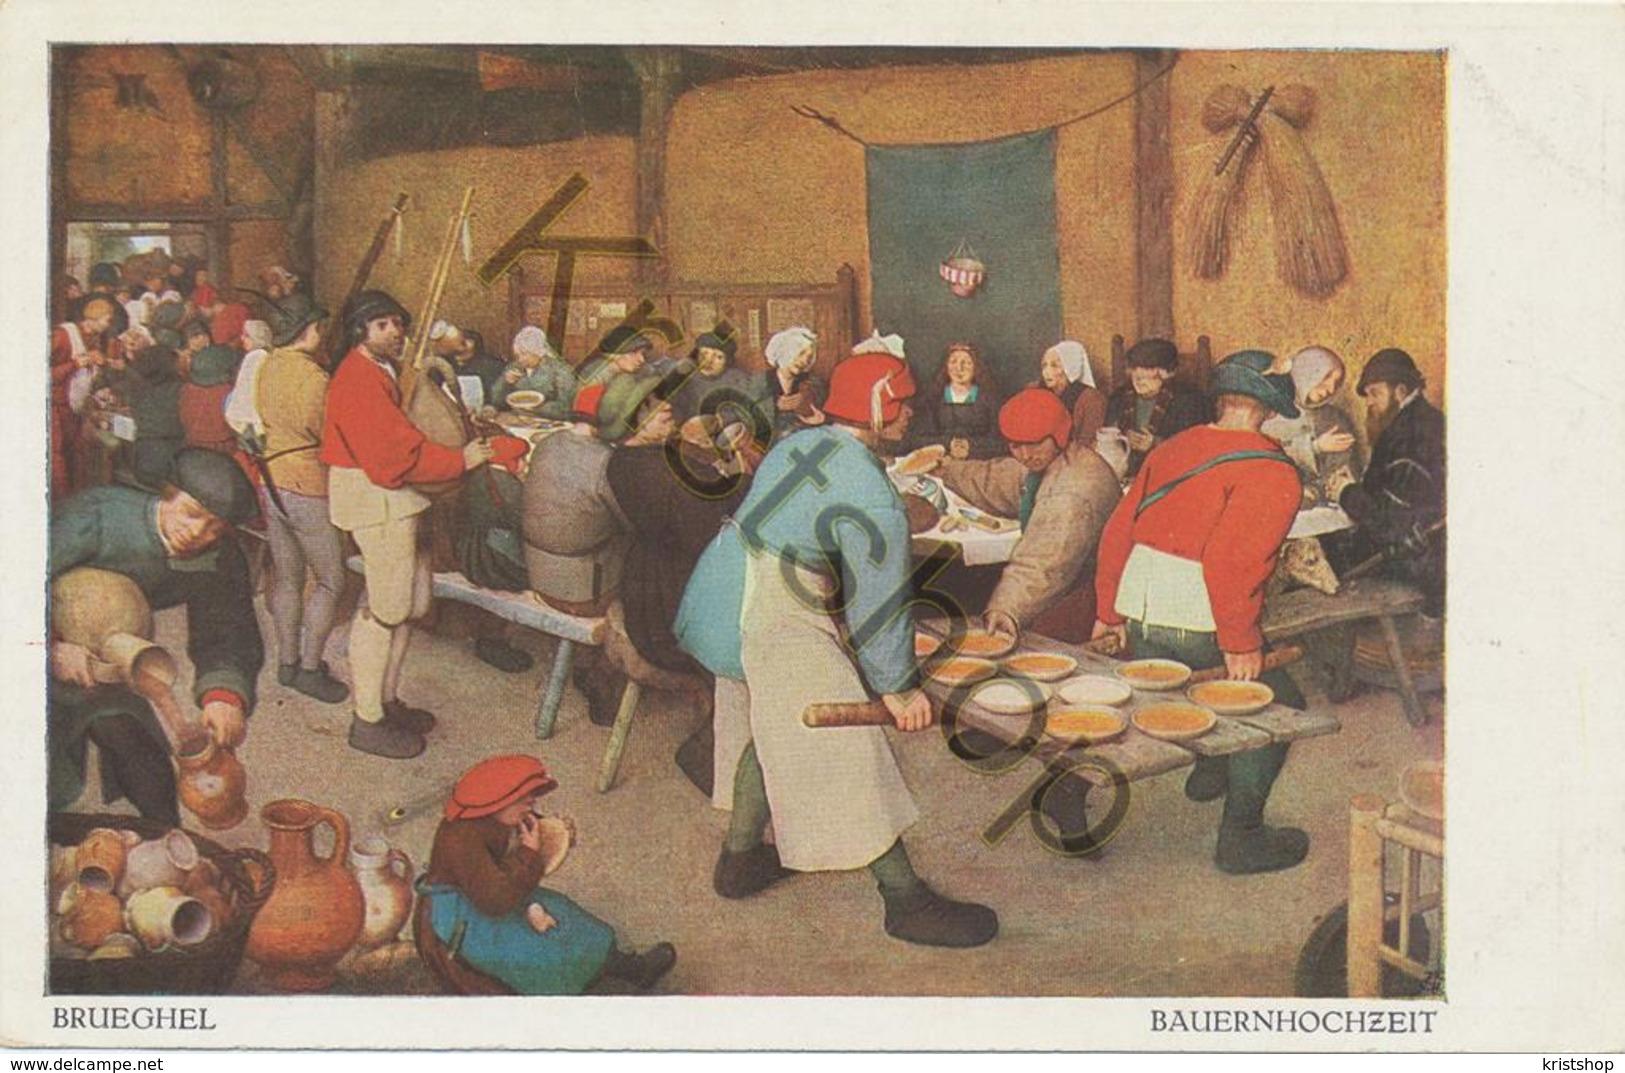 Brueghel - Bauernhochzeit  [2A-5.027 - Paintings